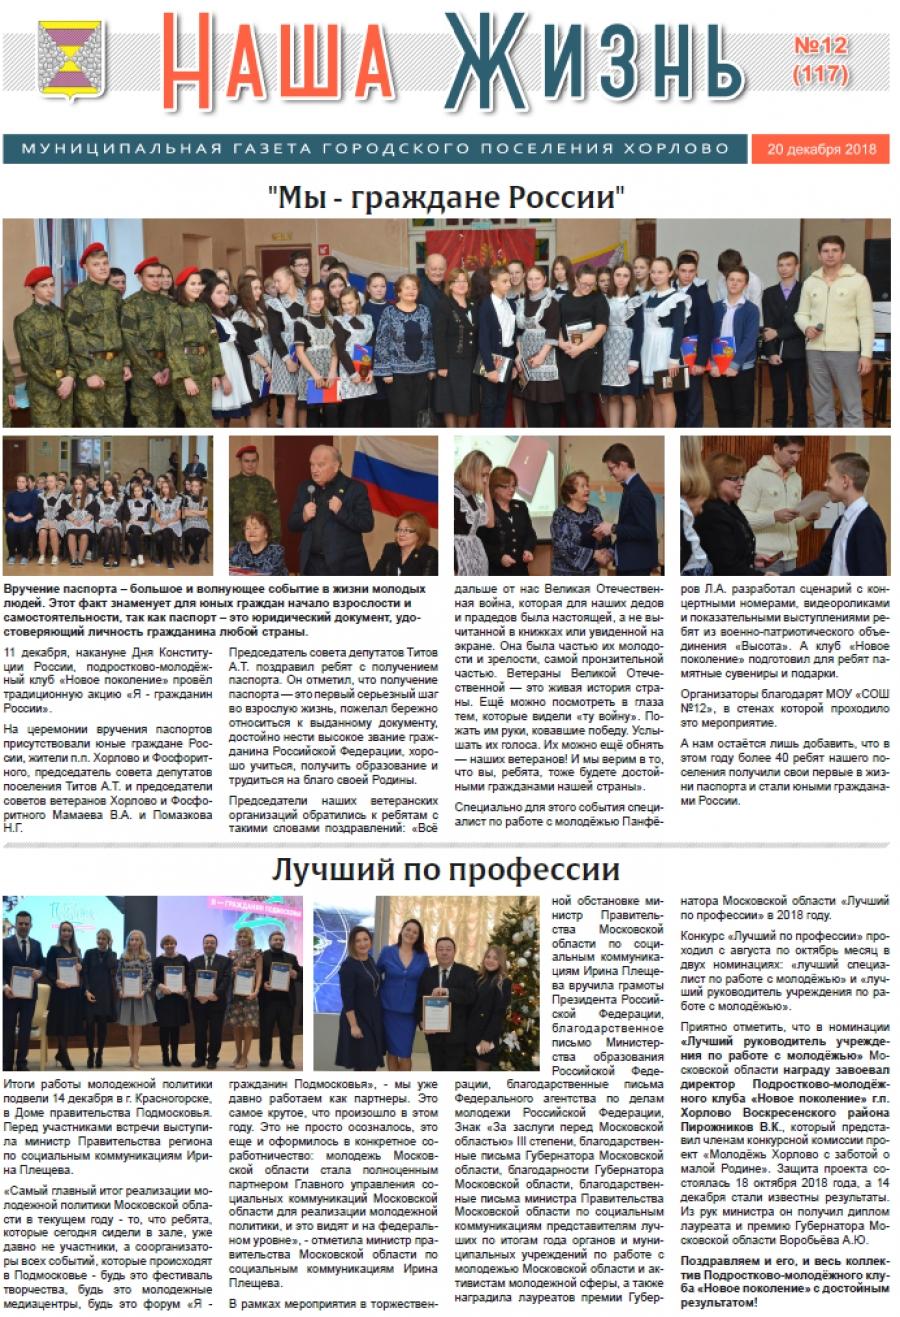 """Газета """"Наша жизнь"""" - 20 декабря 2018 года"""